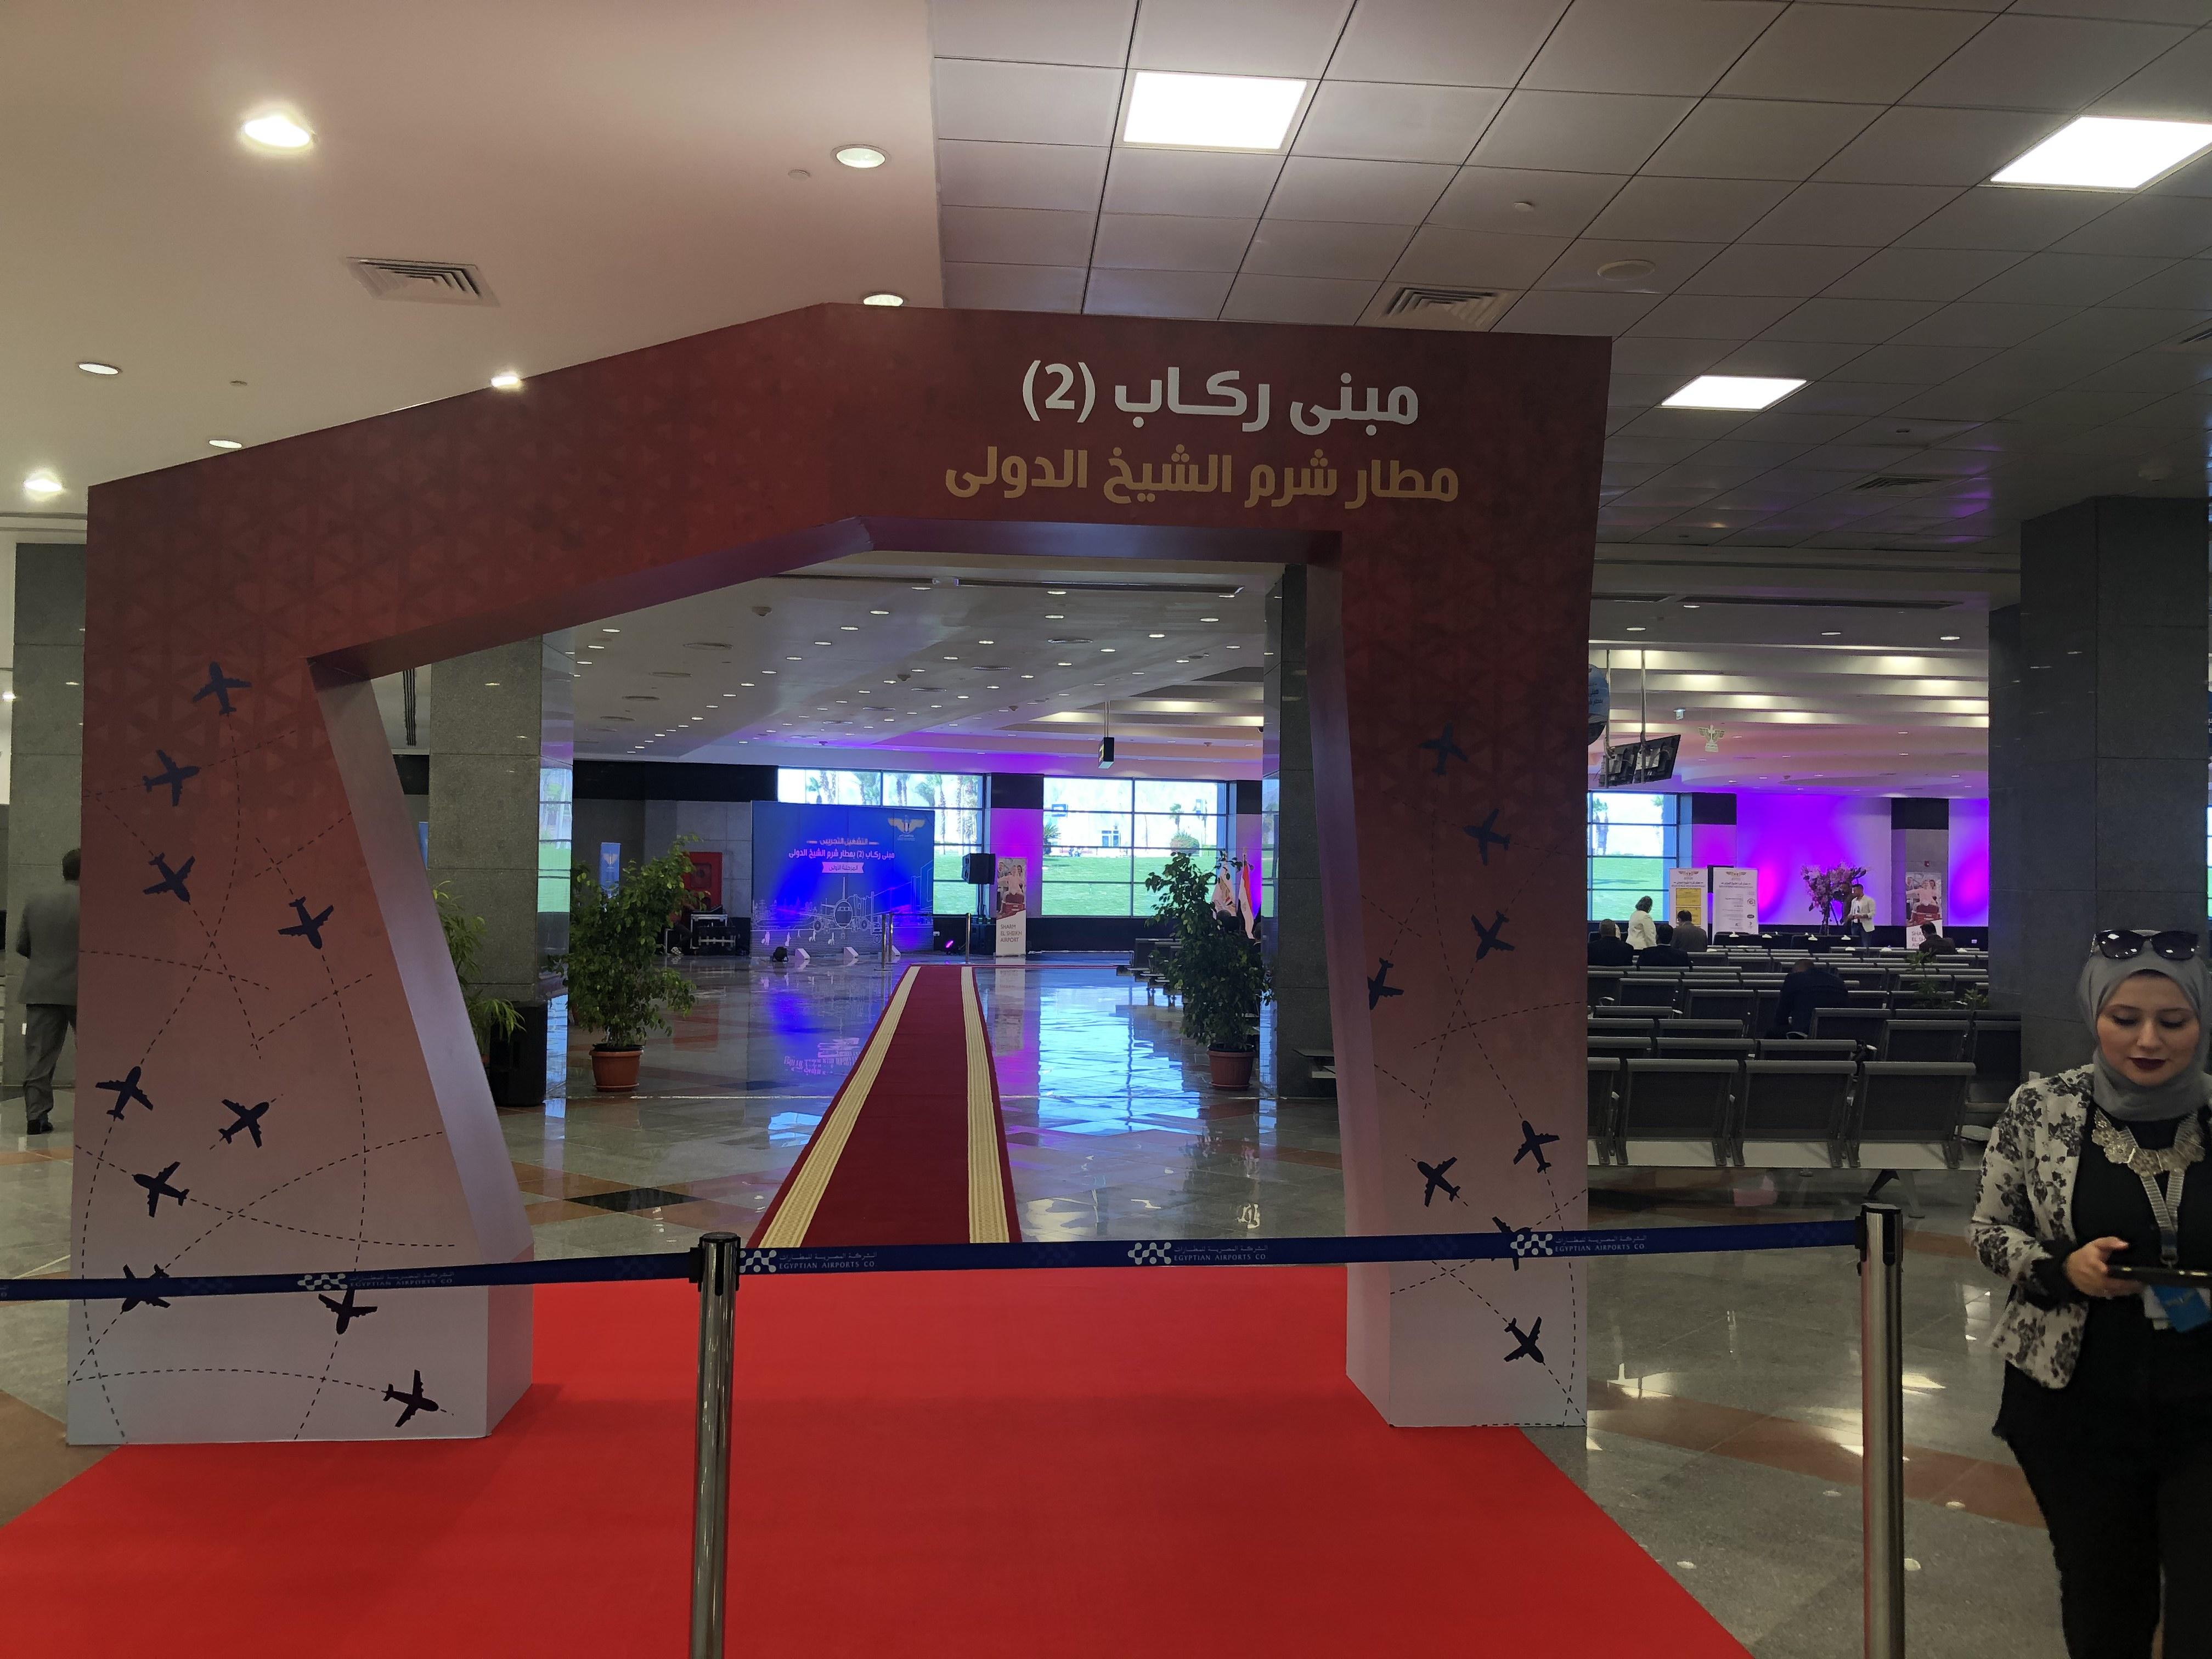 مبنى الركاب2 بمطار شرم الشيخ الدولي